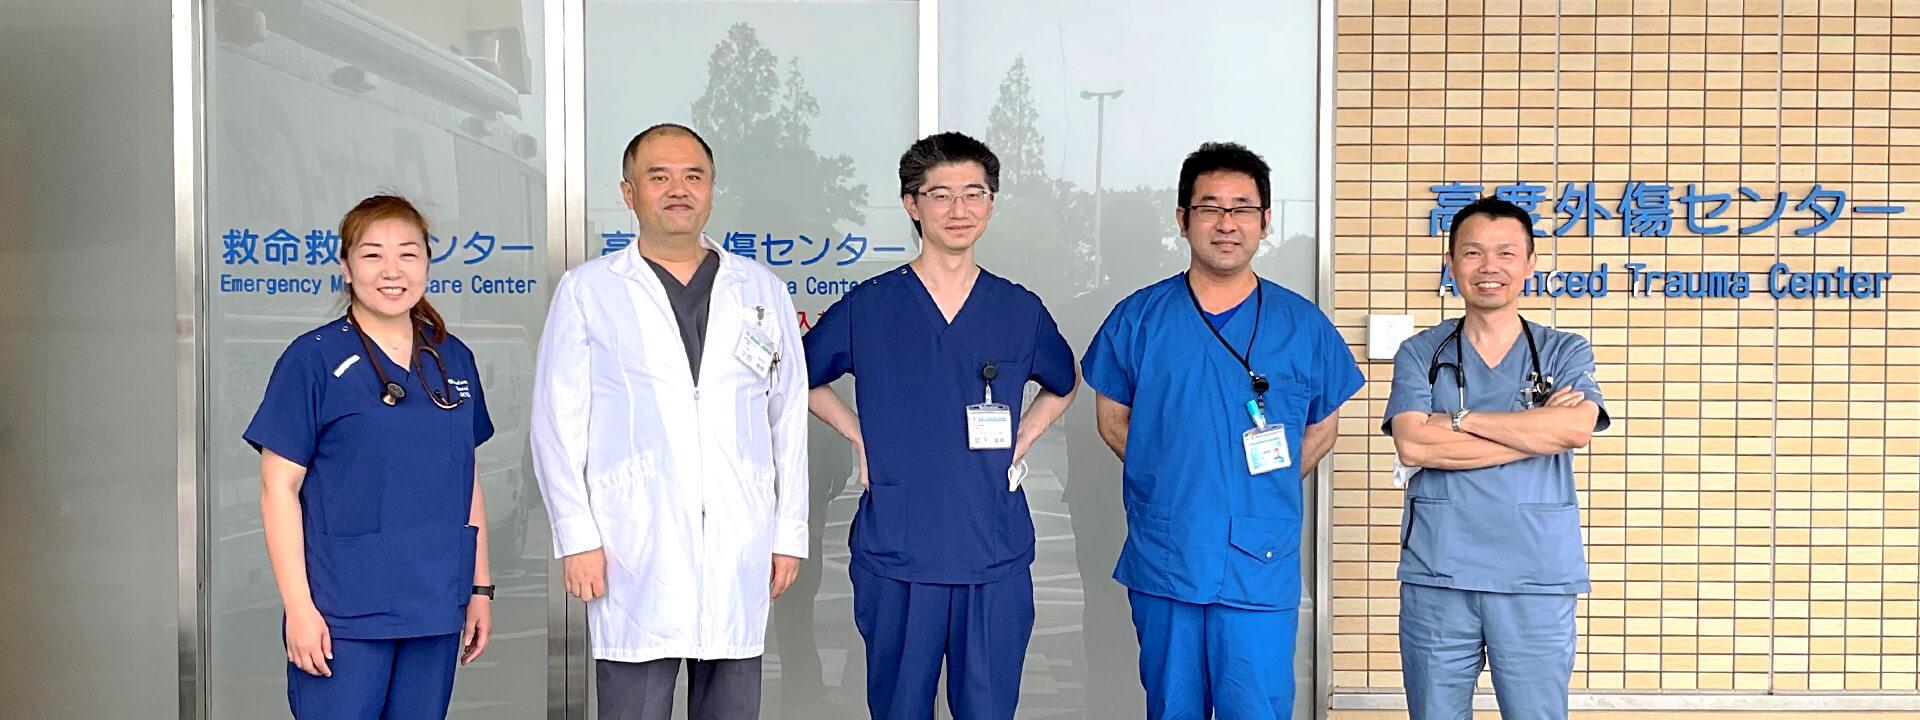 笑顔の島根大学医学部救急医学講座スタッフ4人